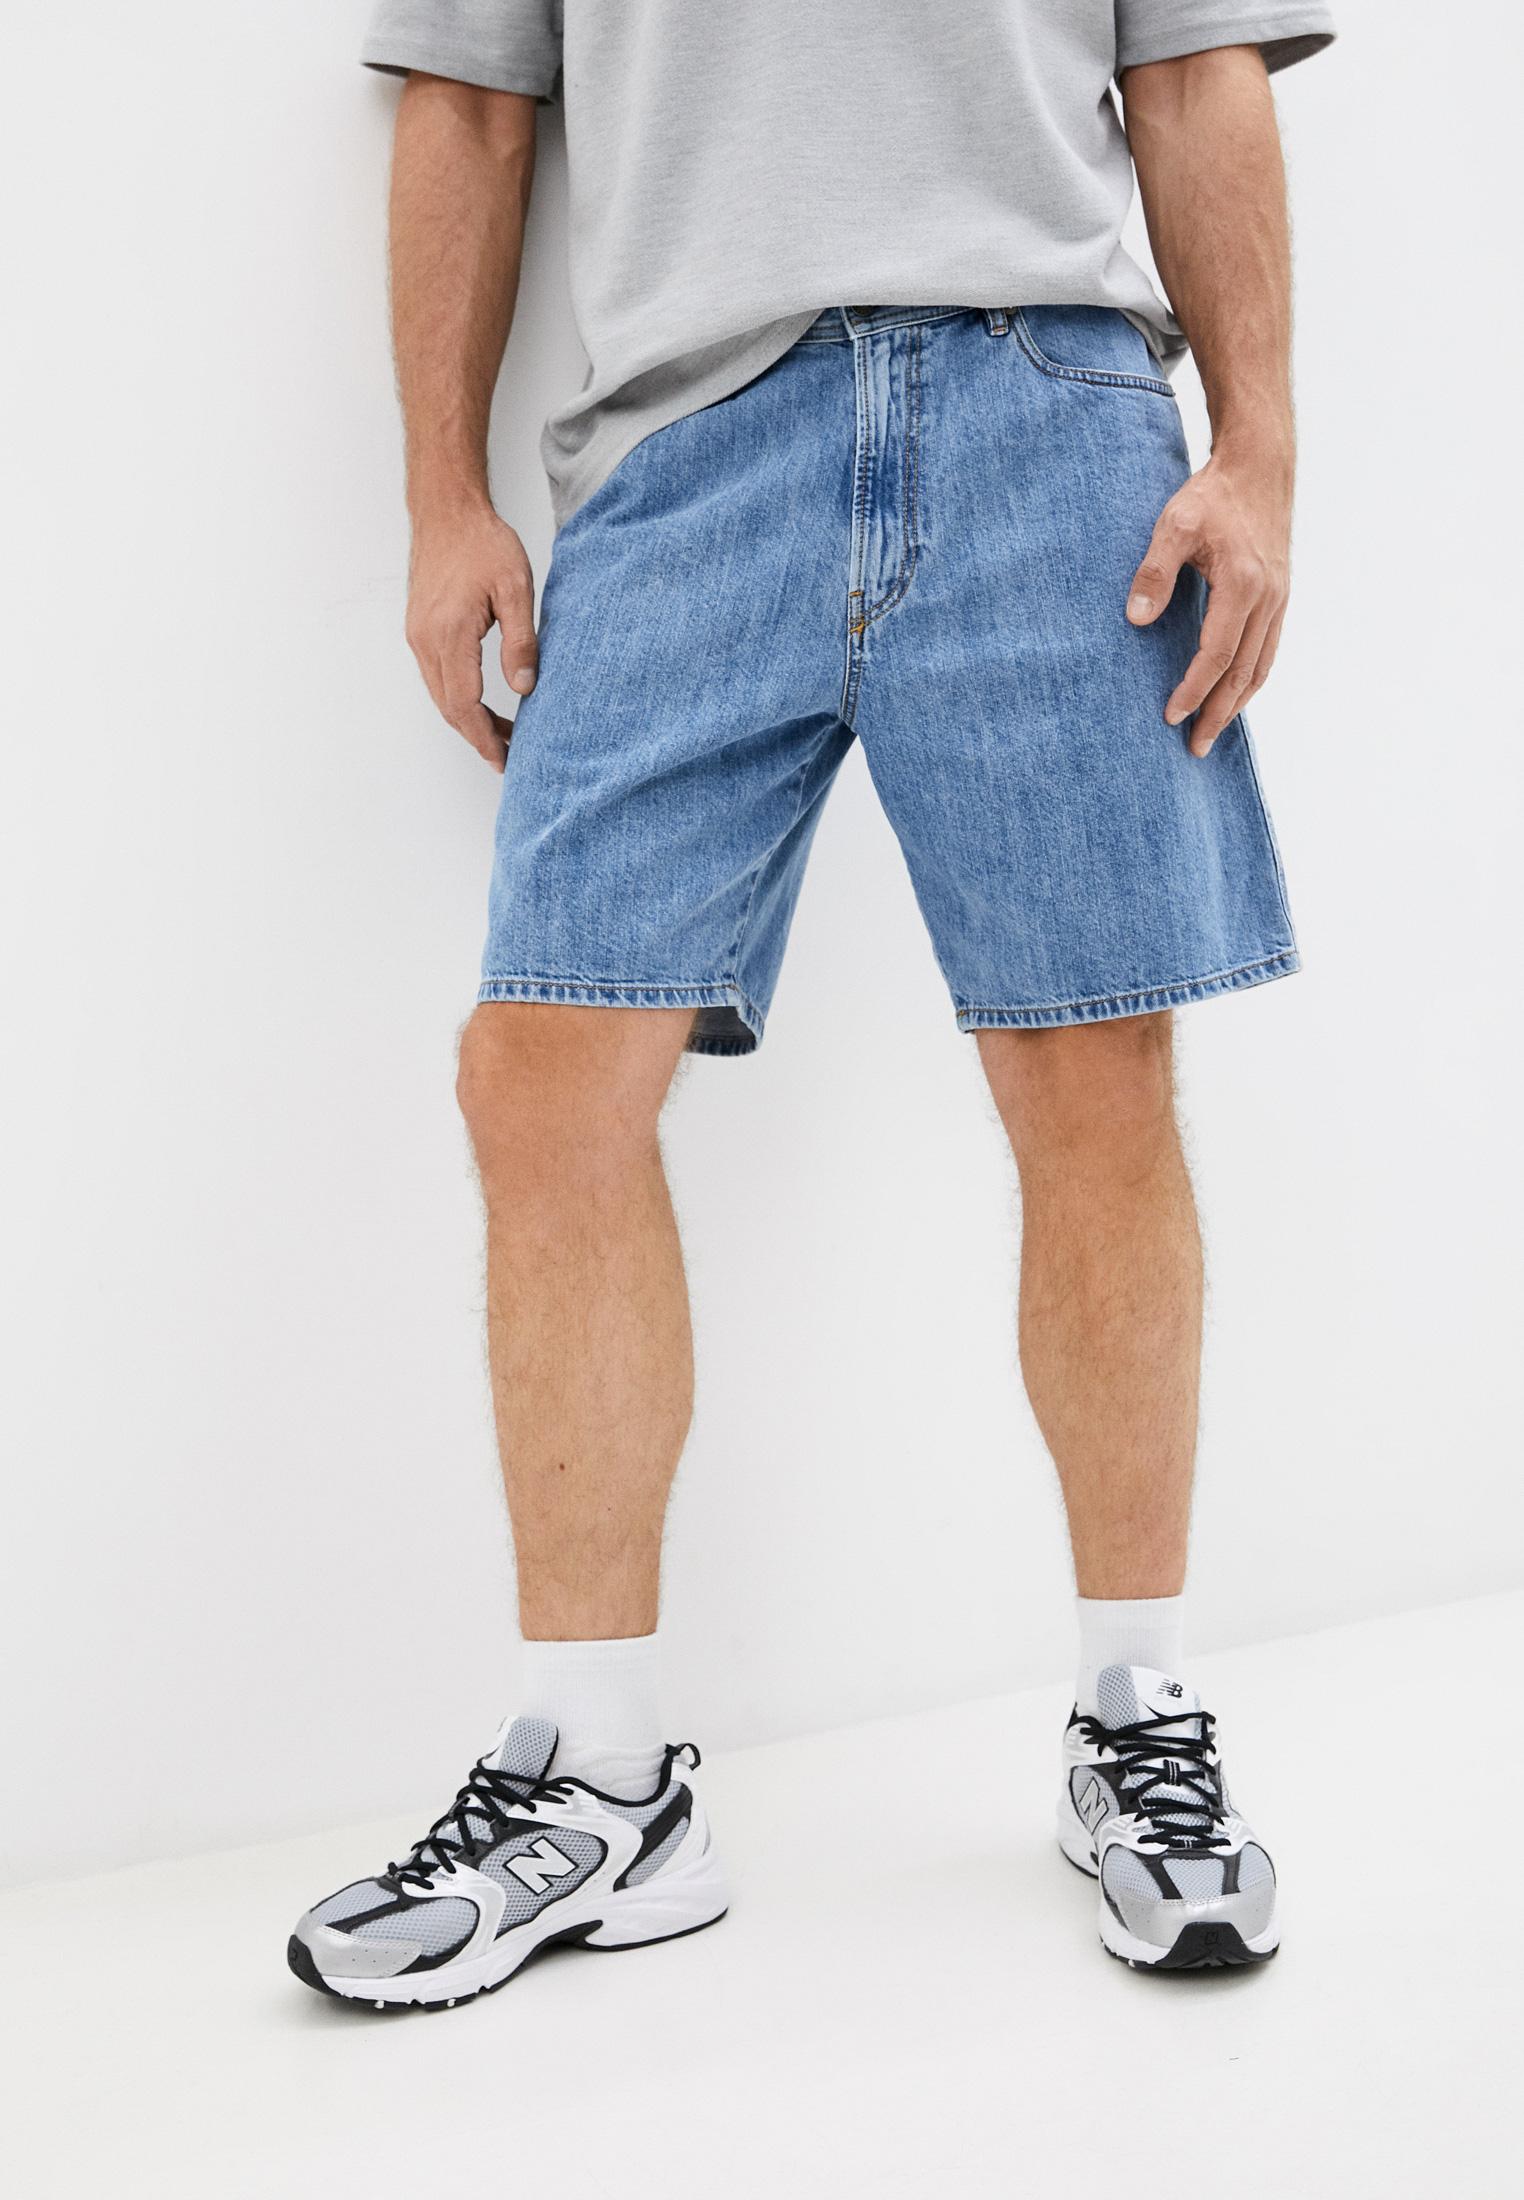 Мужские джинсовые шорты Diesel (Дизель) Шорты джинсовые Diesel